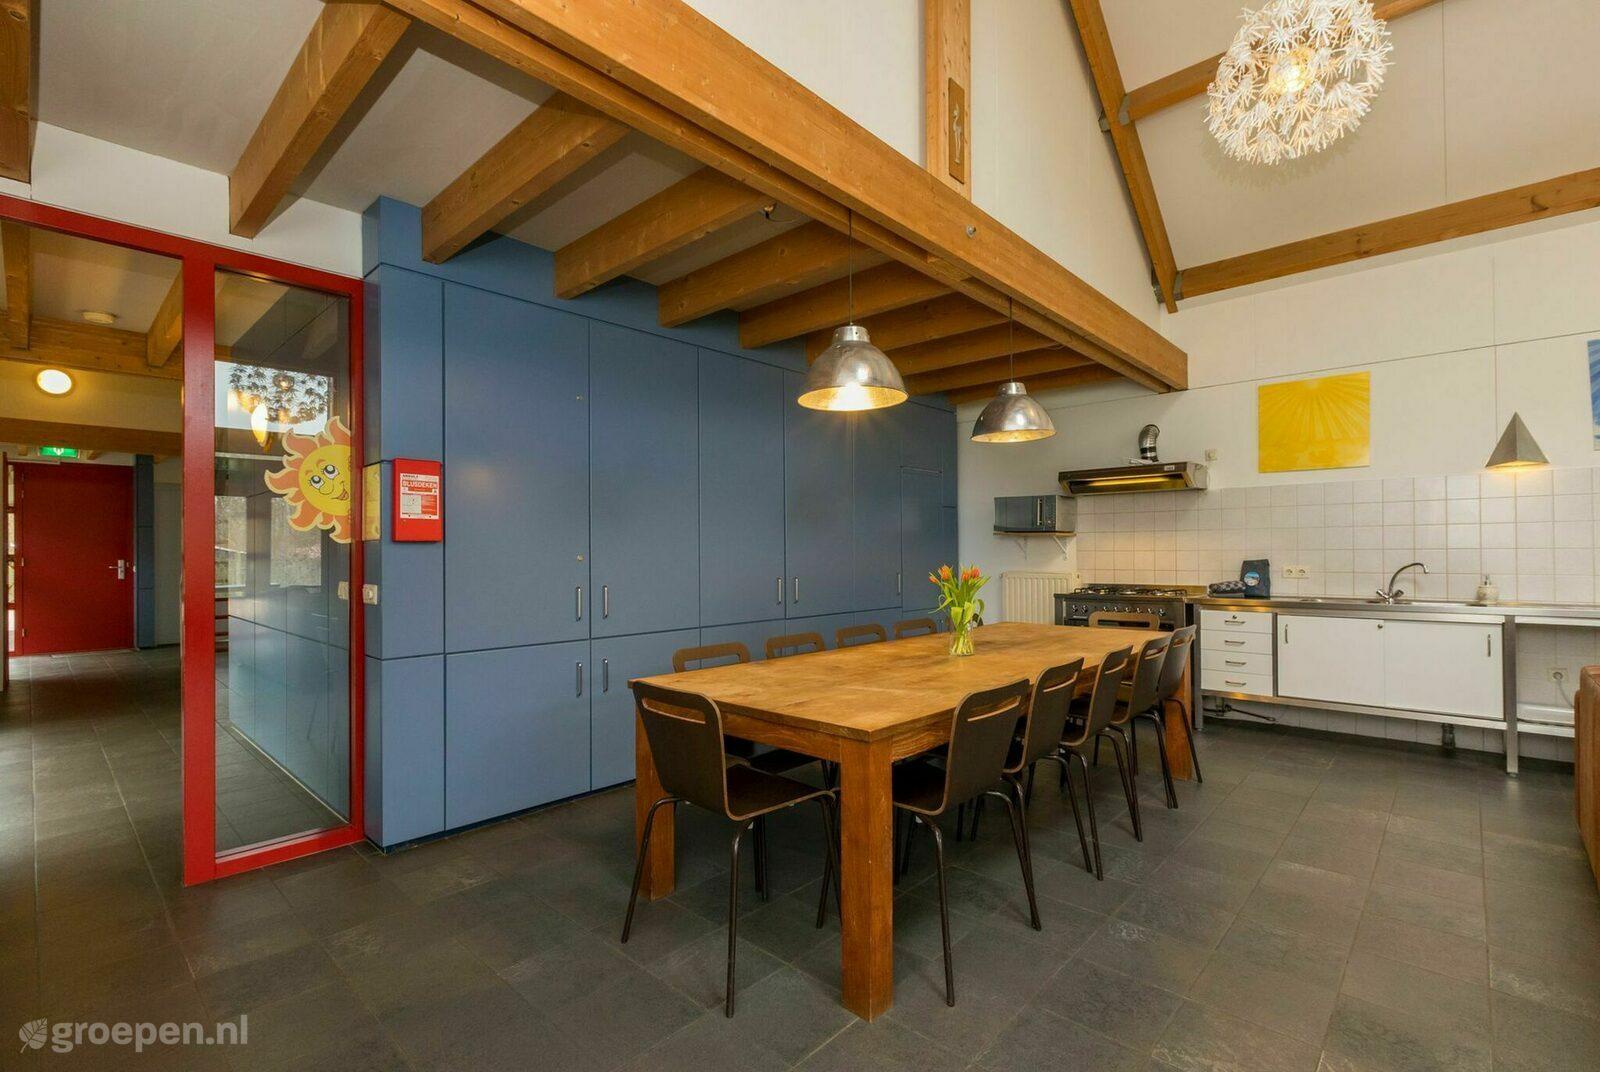 Group accommodation Zoutelande